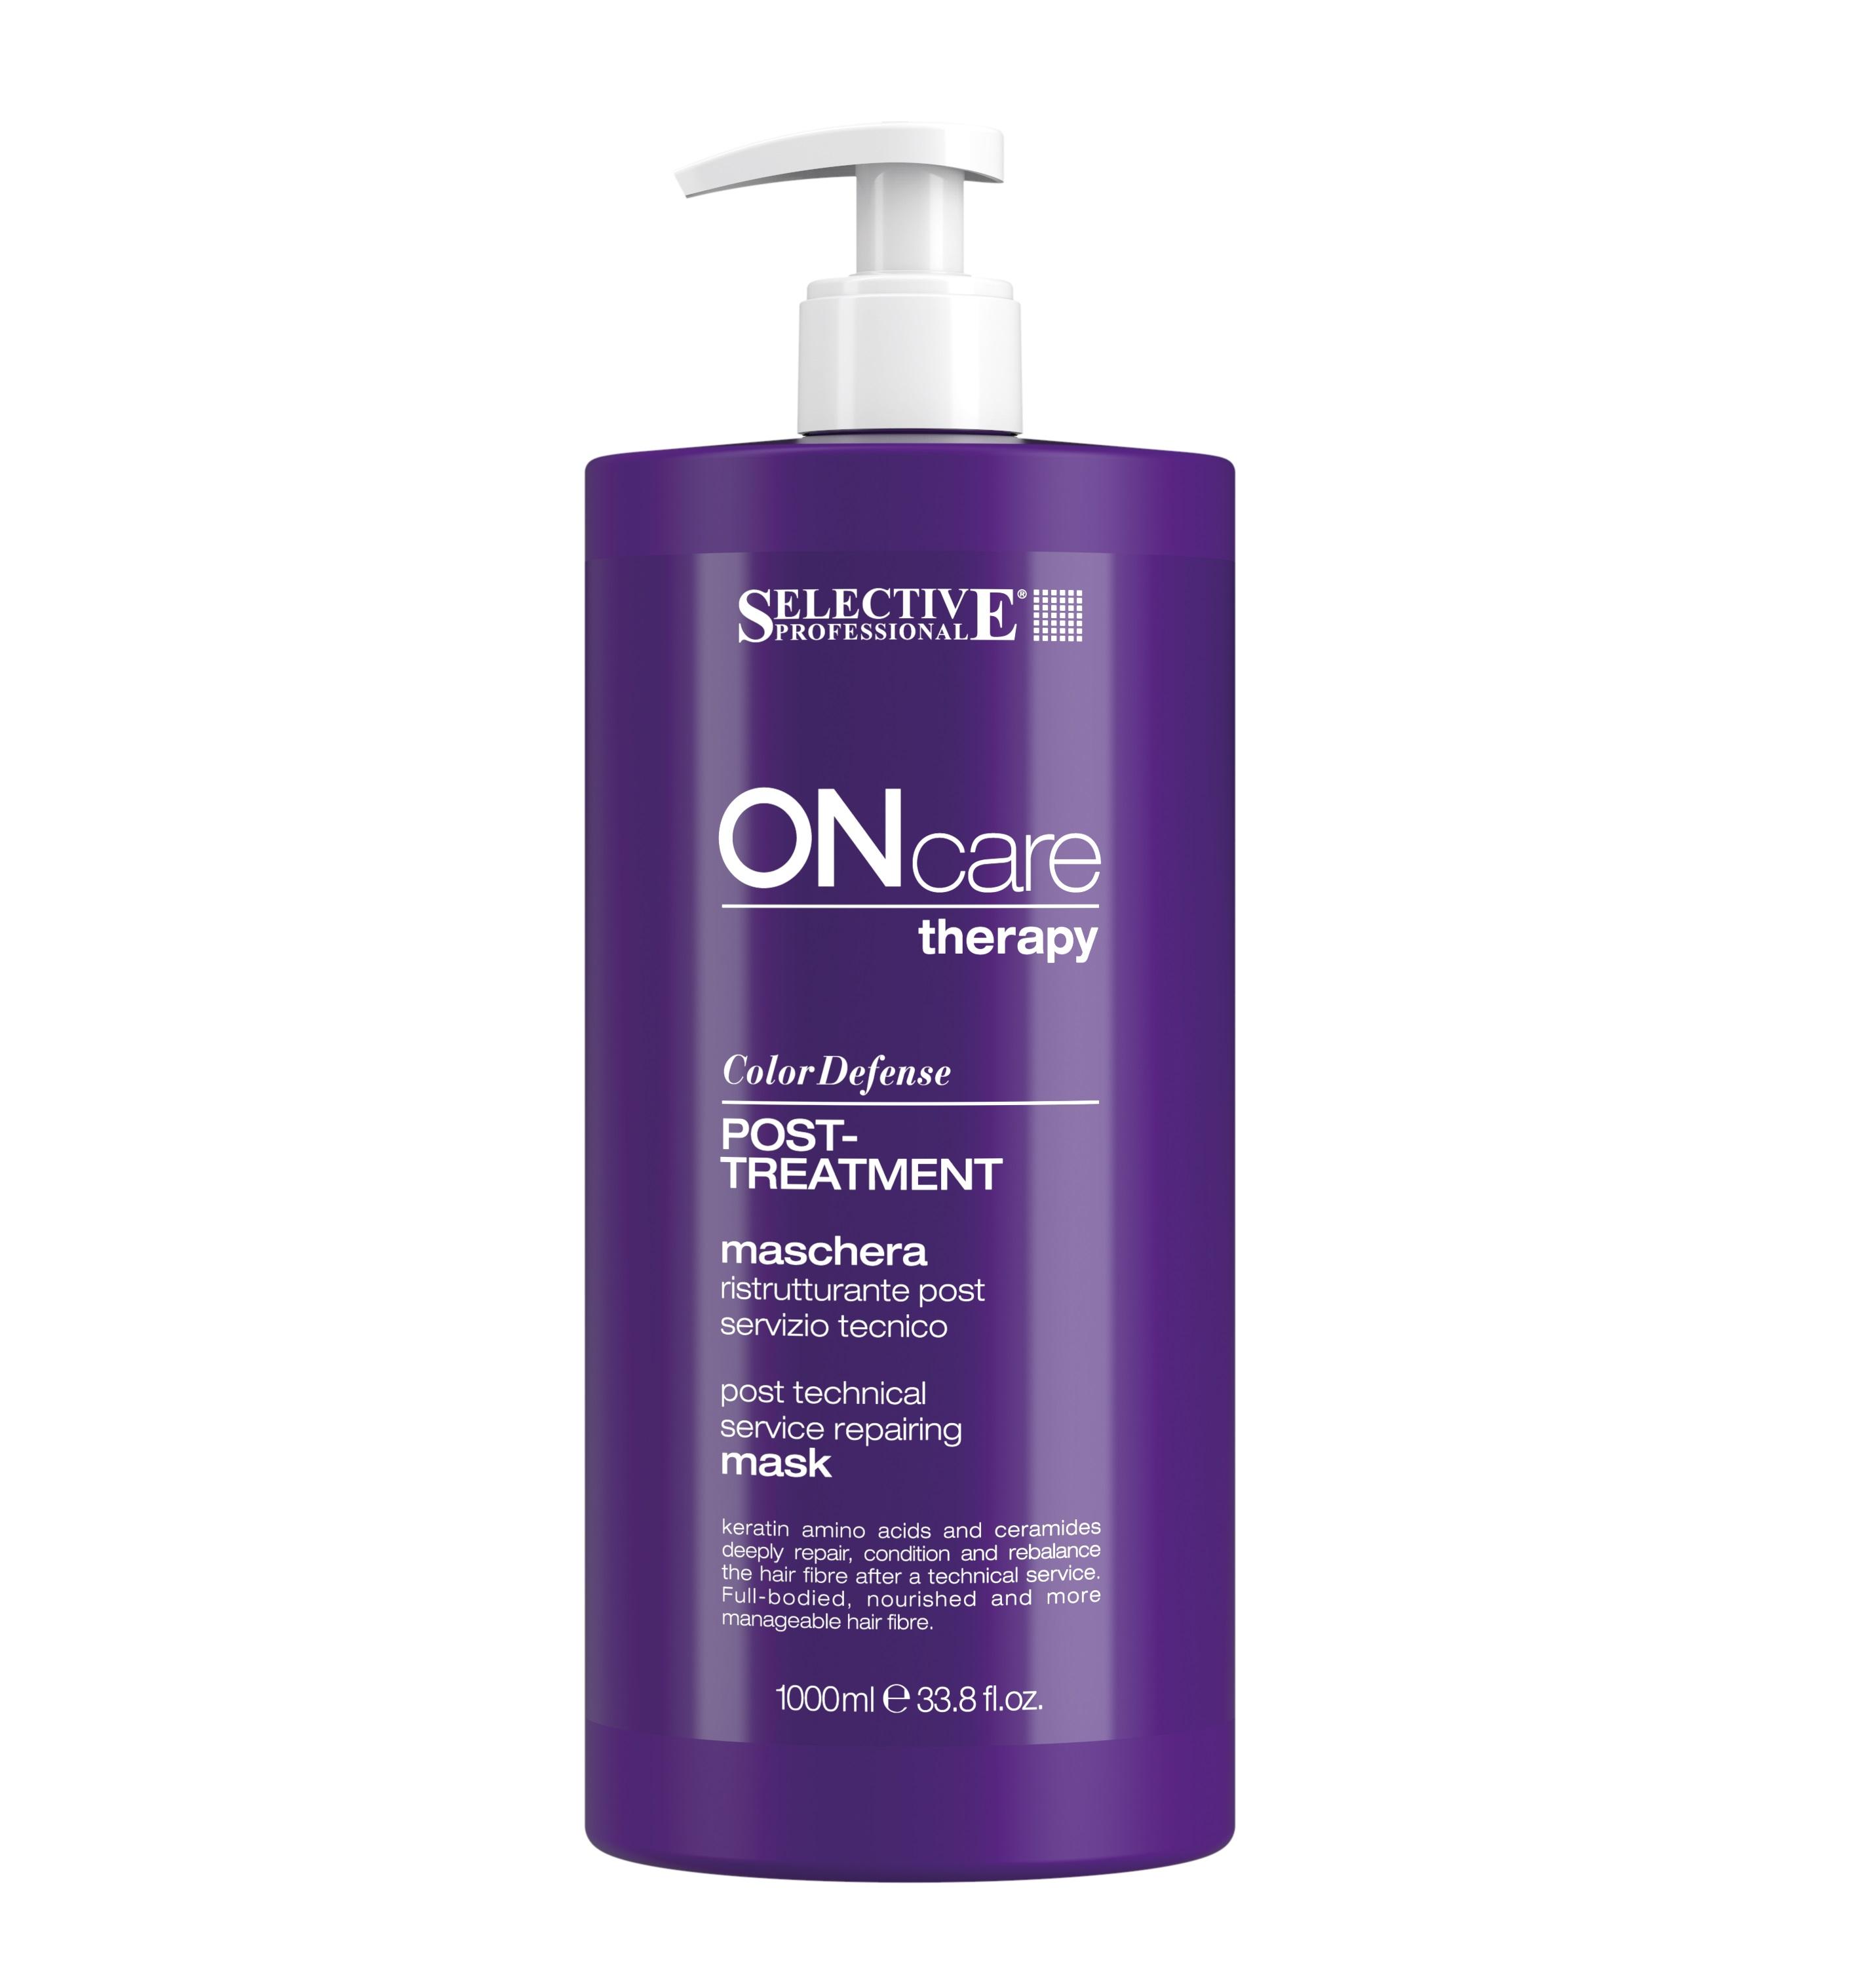 Купить SELECTIVE PROFESSIONAL Маска восстанавливающая после химической обработки для волос / ONC Color Defense POST-TREATMENT 1000 мл